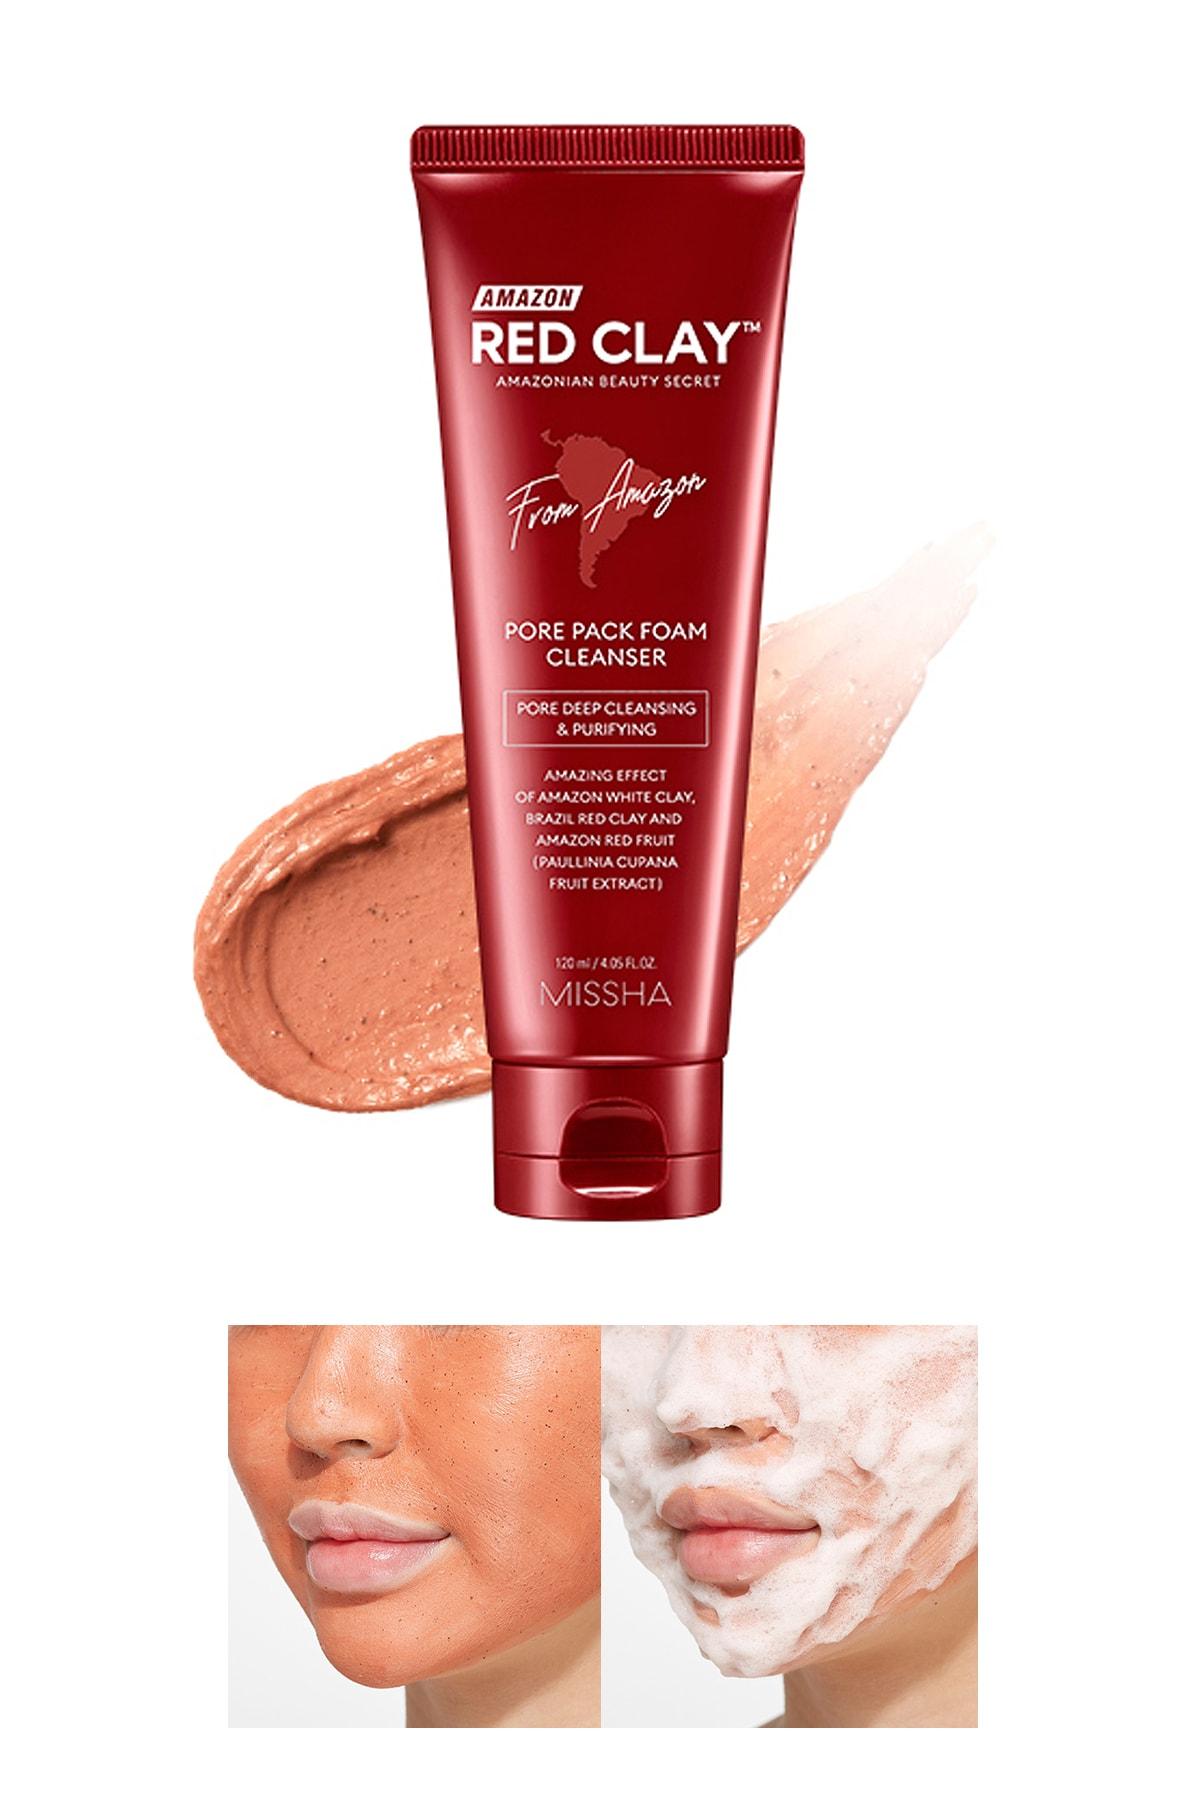 Missha Gözenekli Ciltler İçin Amazon Kili Temizleyici 120ml Amazon Red Clay Pore Pack Foam Cleanser